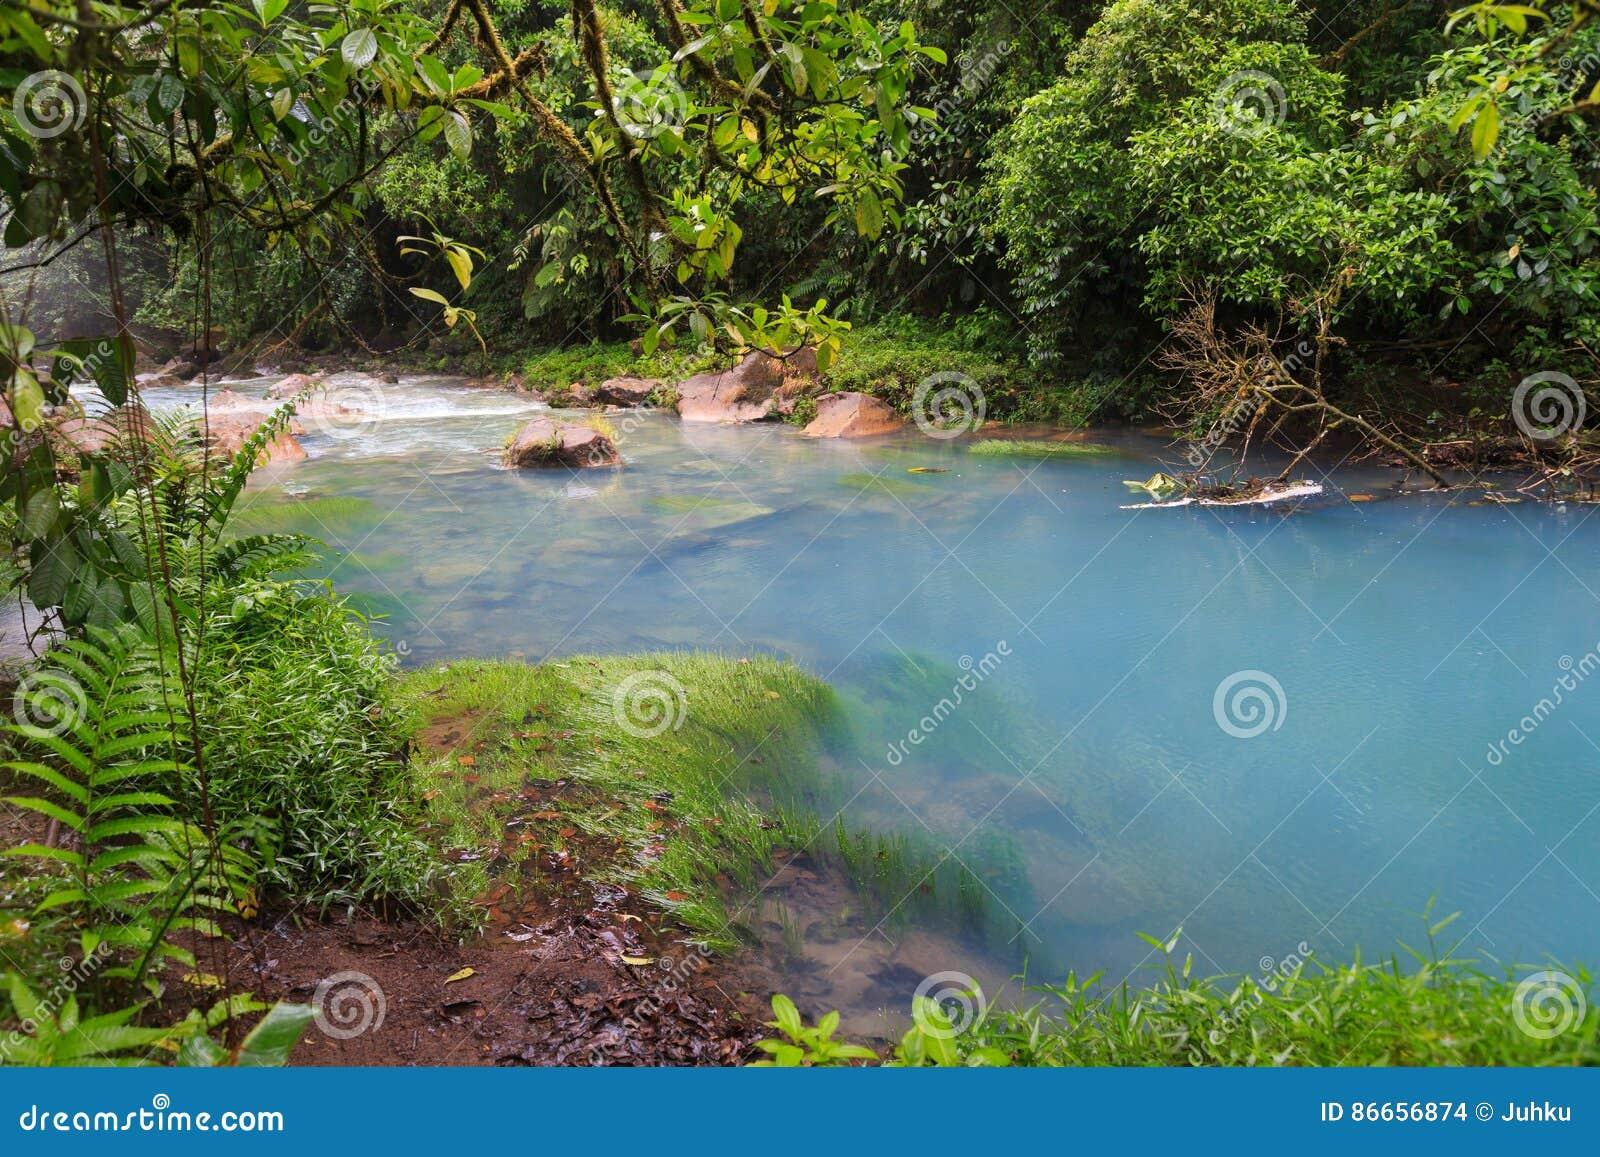 Rio celeste en vegetatie